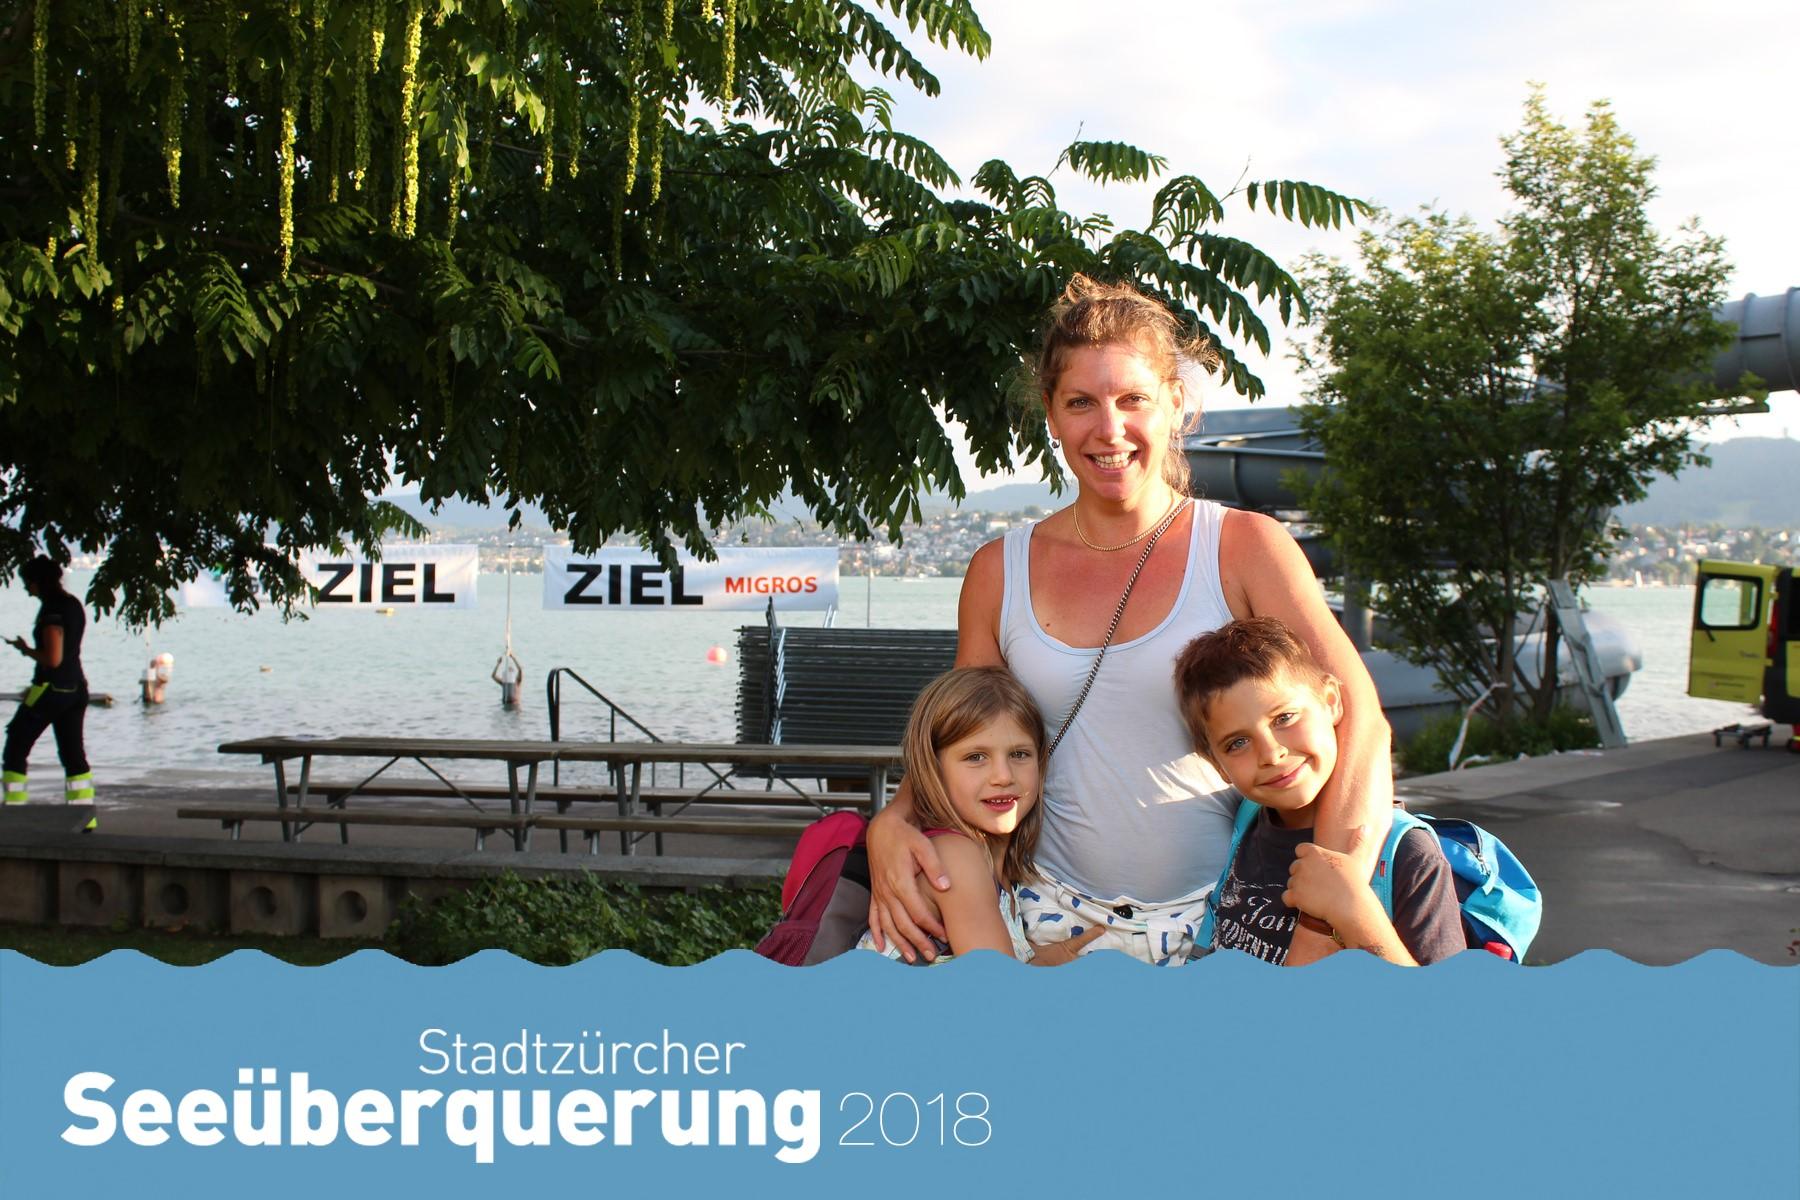 Seeüberquerung 2017 – ich war dabei! #Seeüberquerung. Foto: